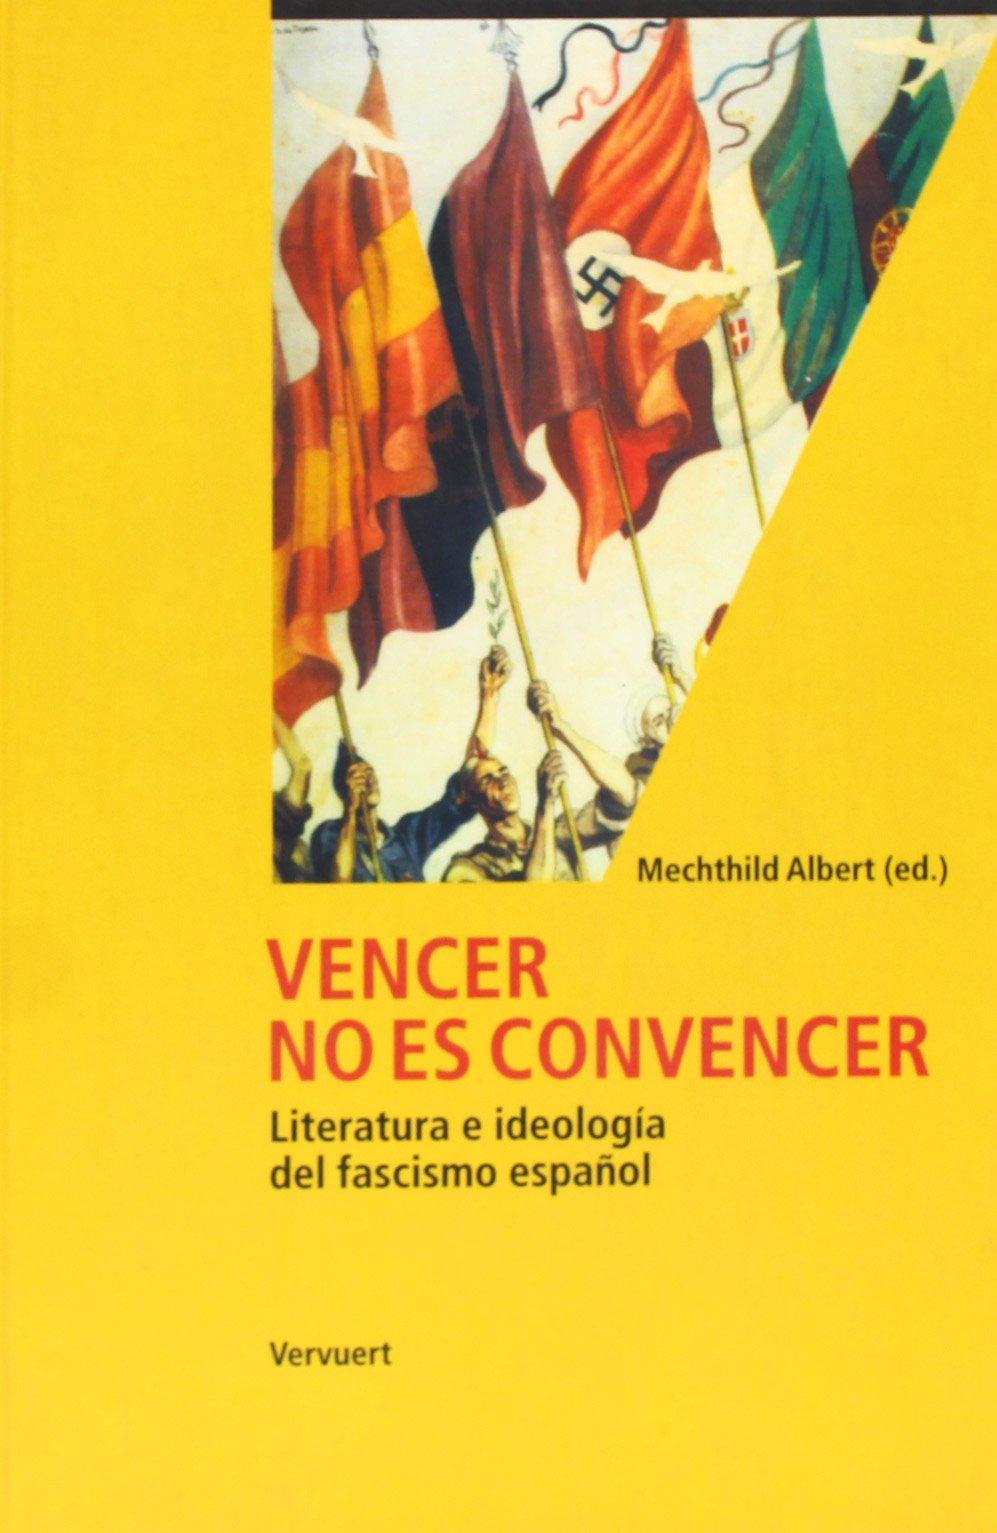 Vencer no es convencer : literatura e ideologia del fascismo español: Amazon.es: Libros